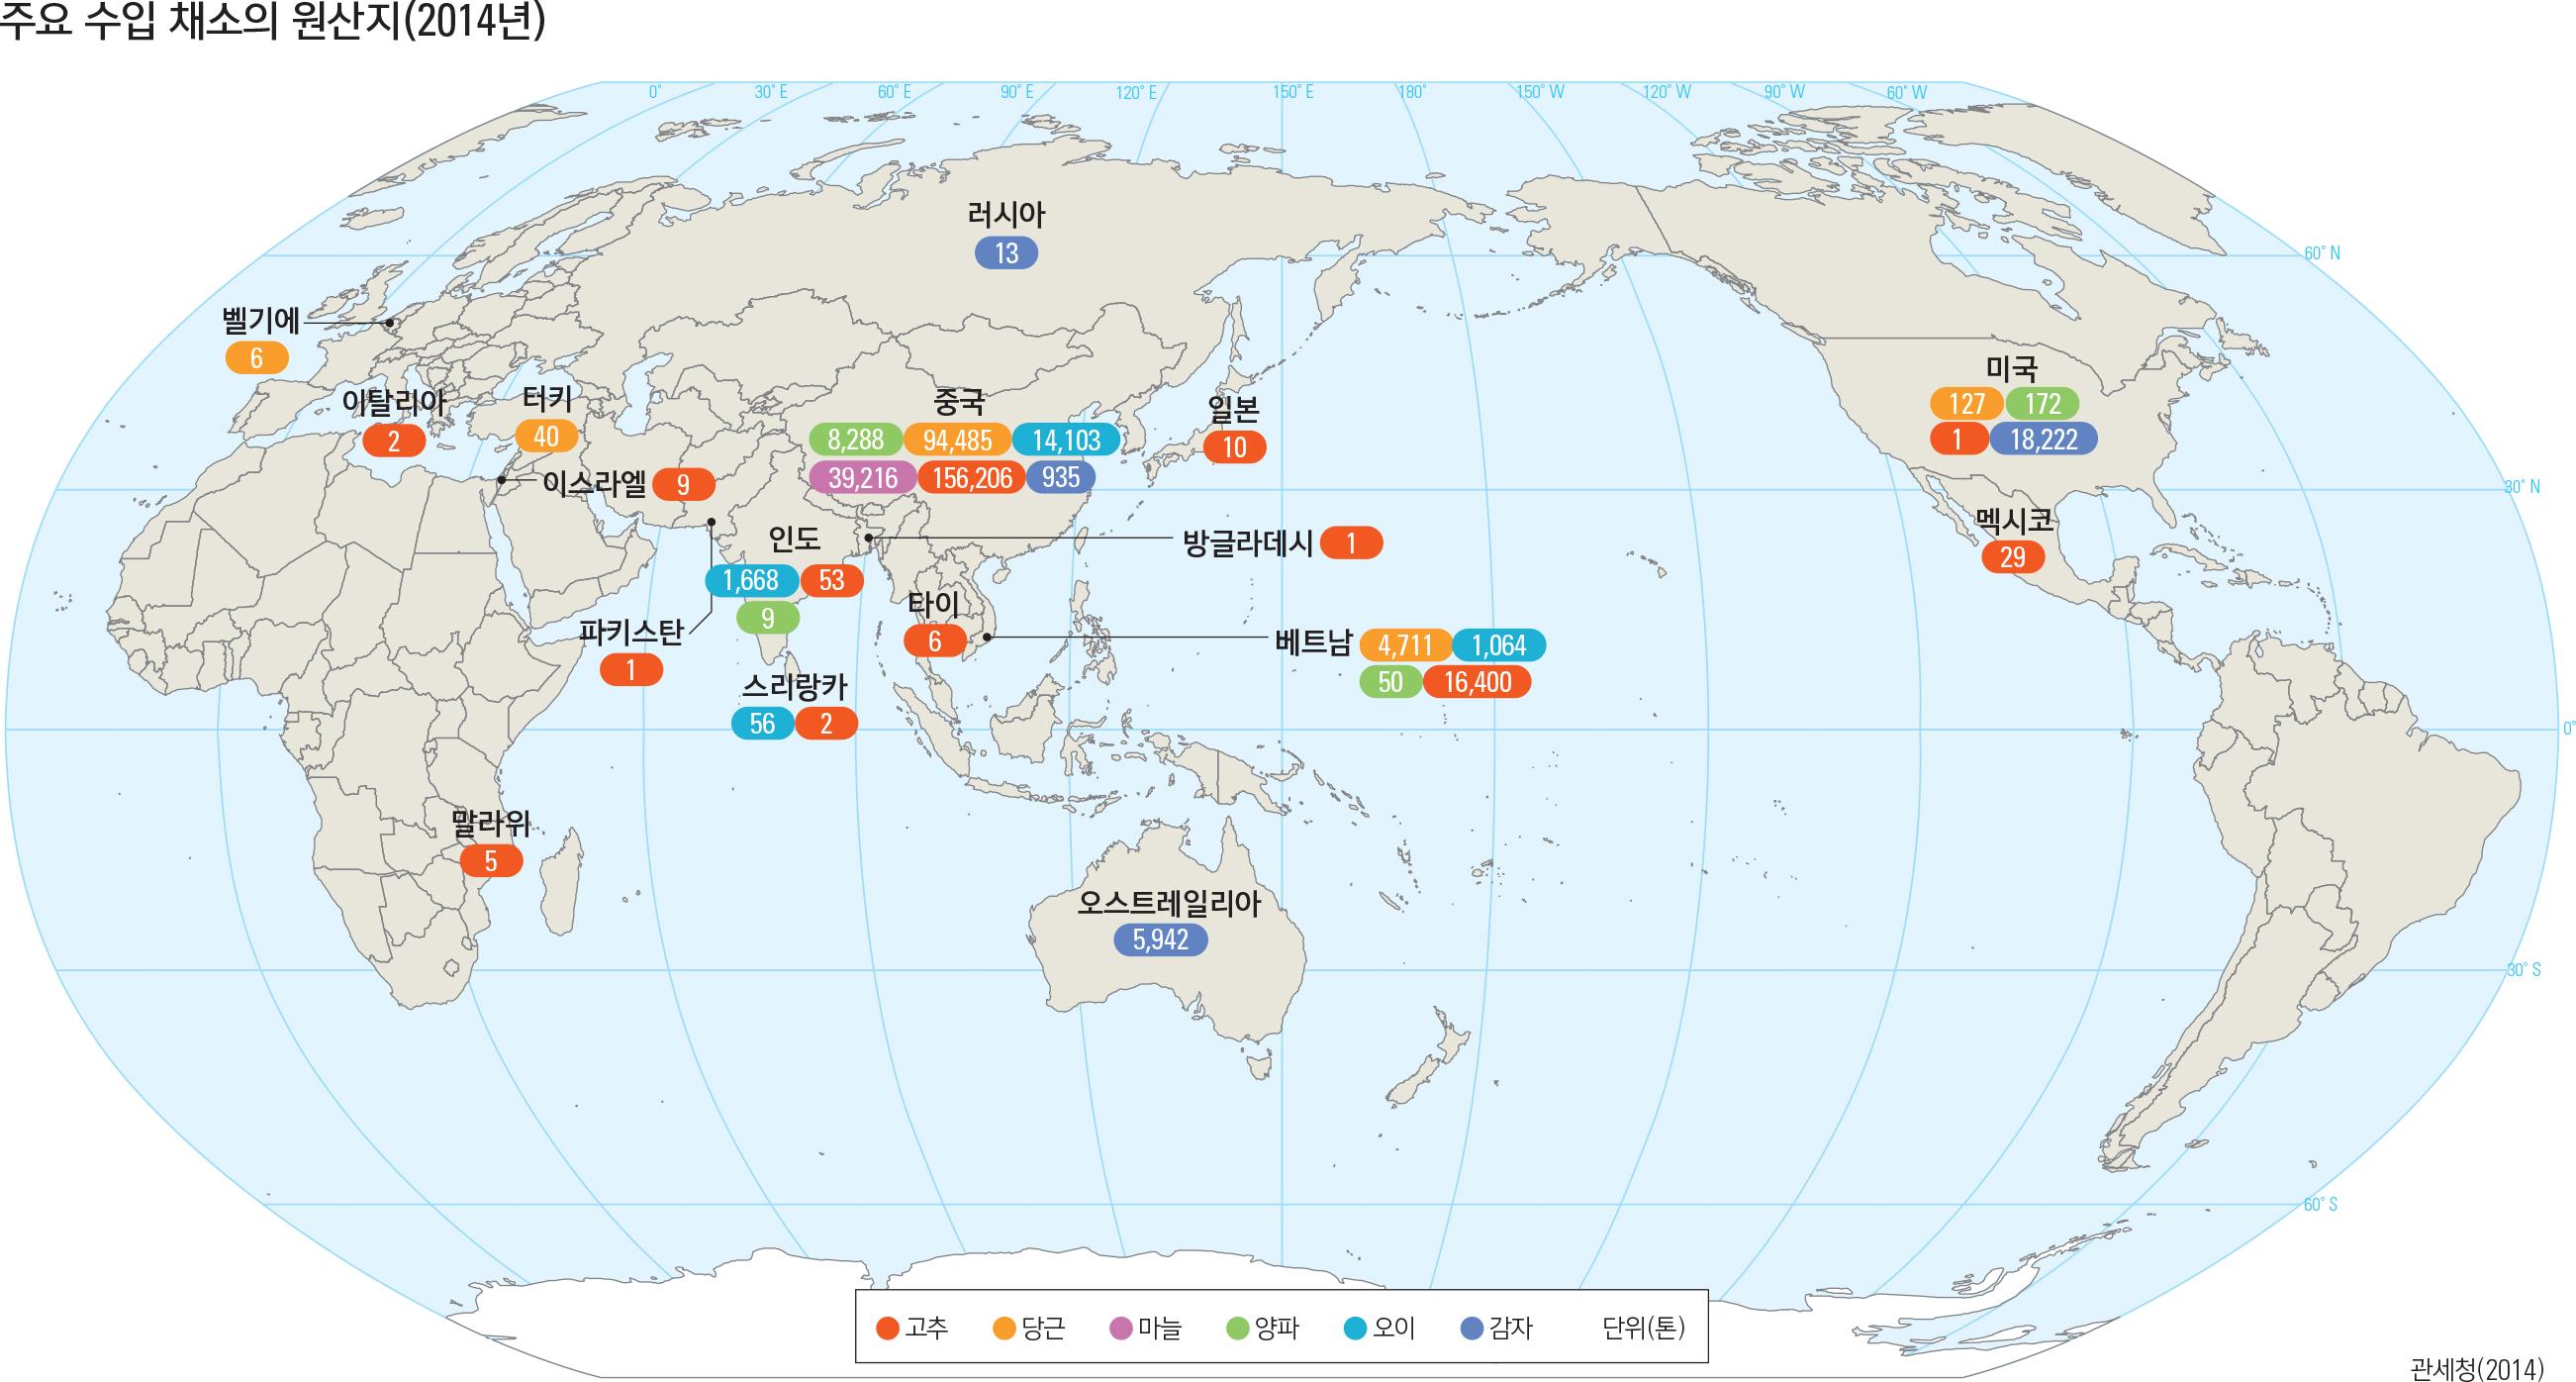 주요 수입 농산물 원산지(2014년)